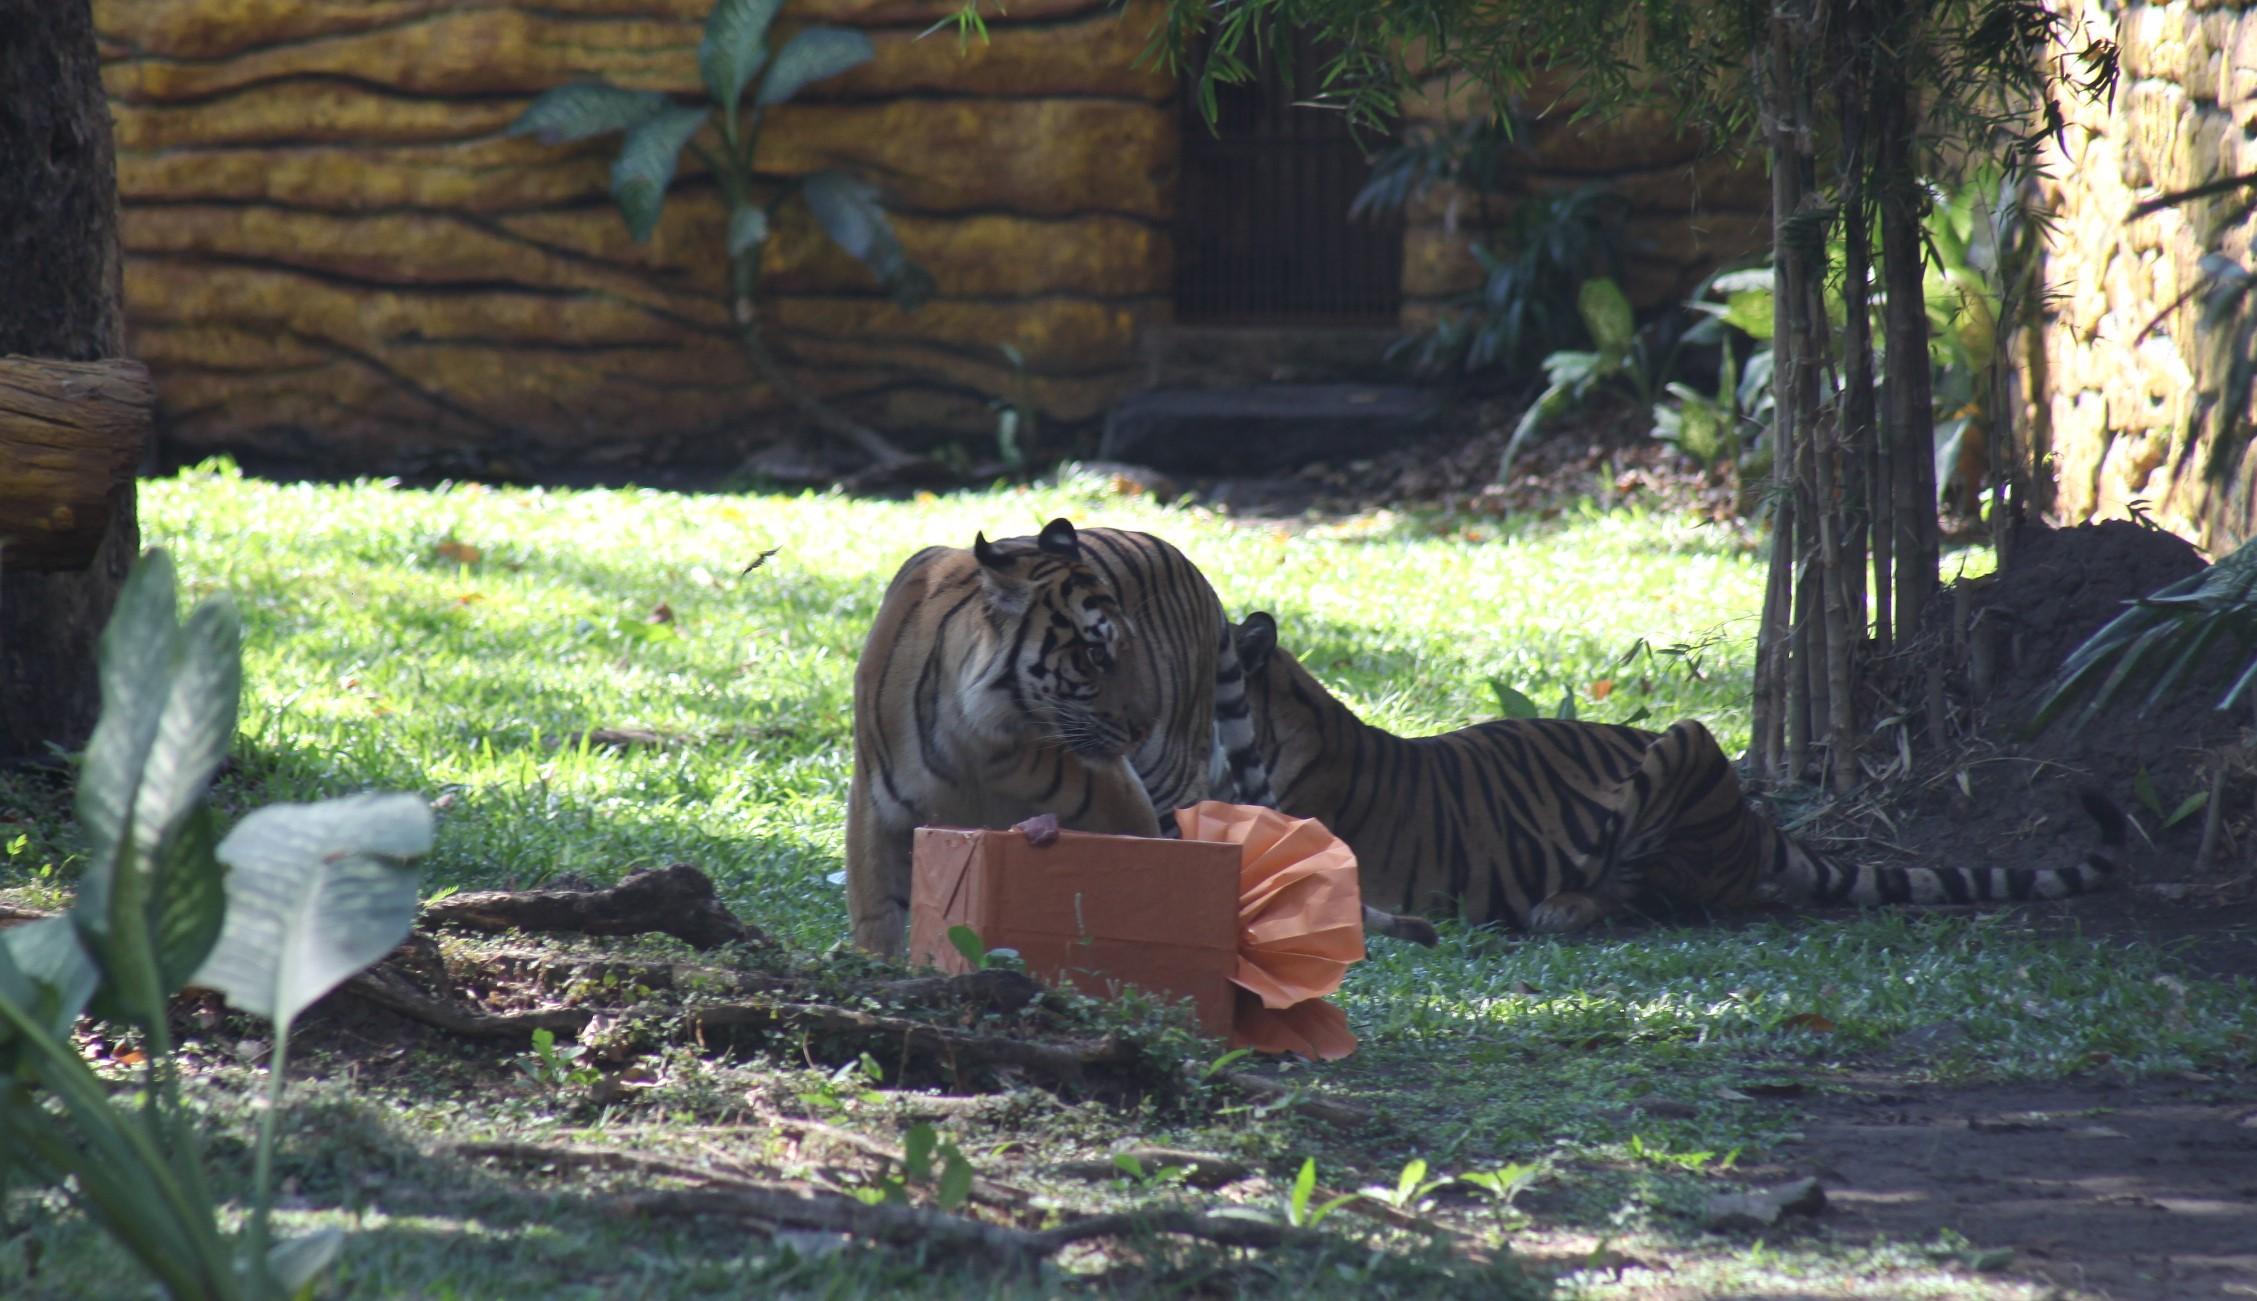 Daging Segar Jadi Kado Ultah Tiga Harimau Sumatera